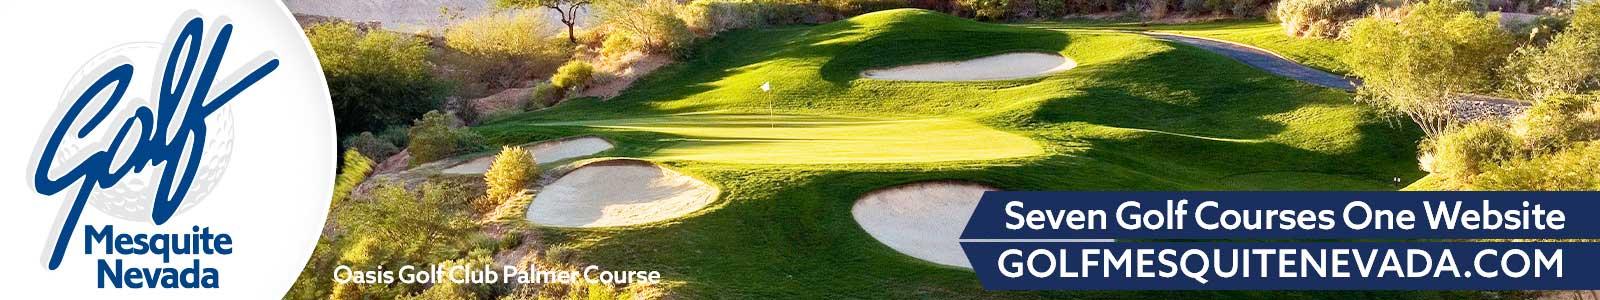 Golf Mesquite NV